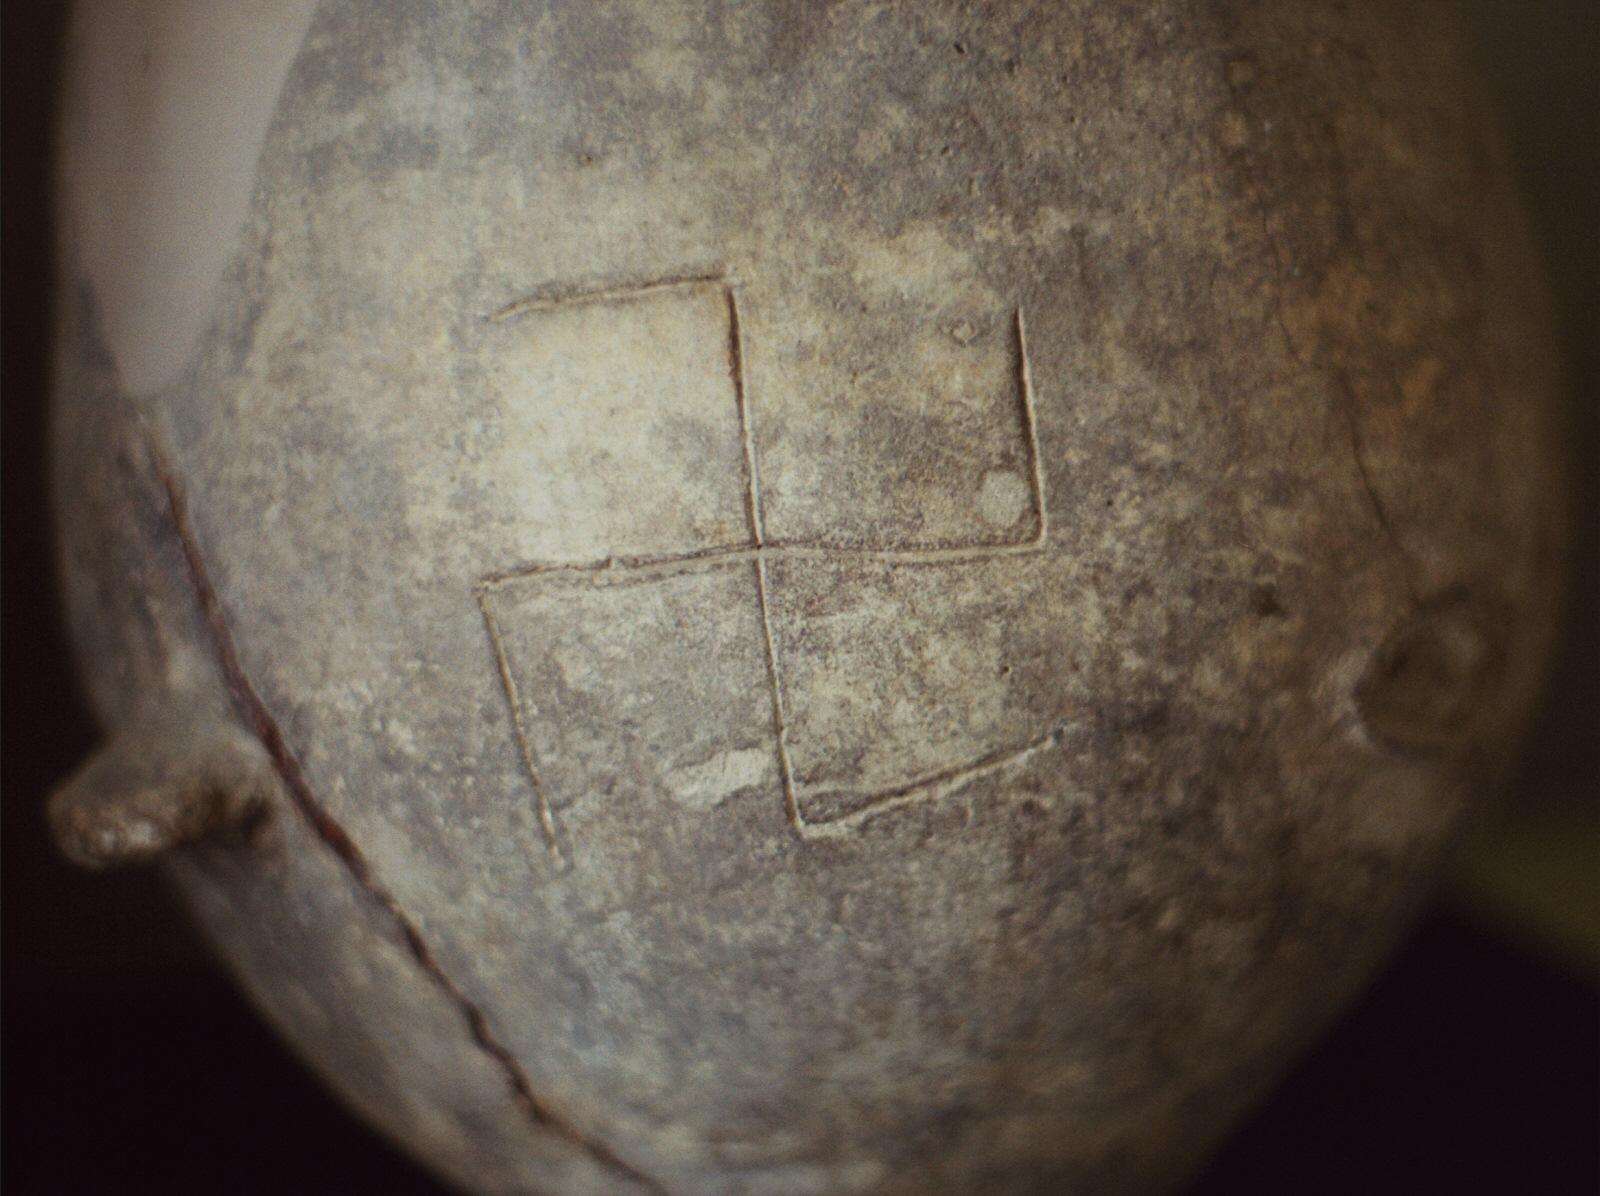 Swastika on ancient vessel